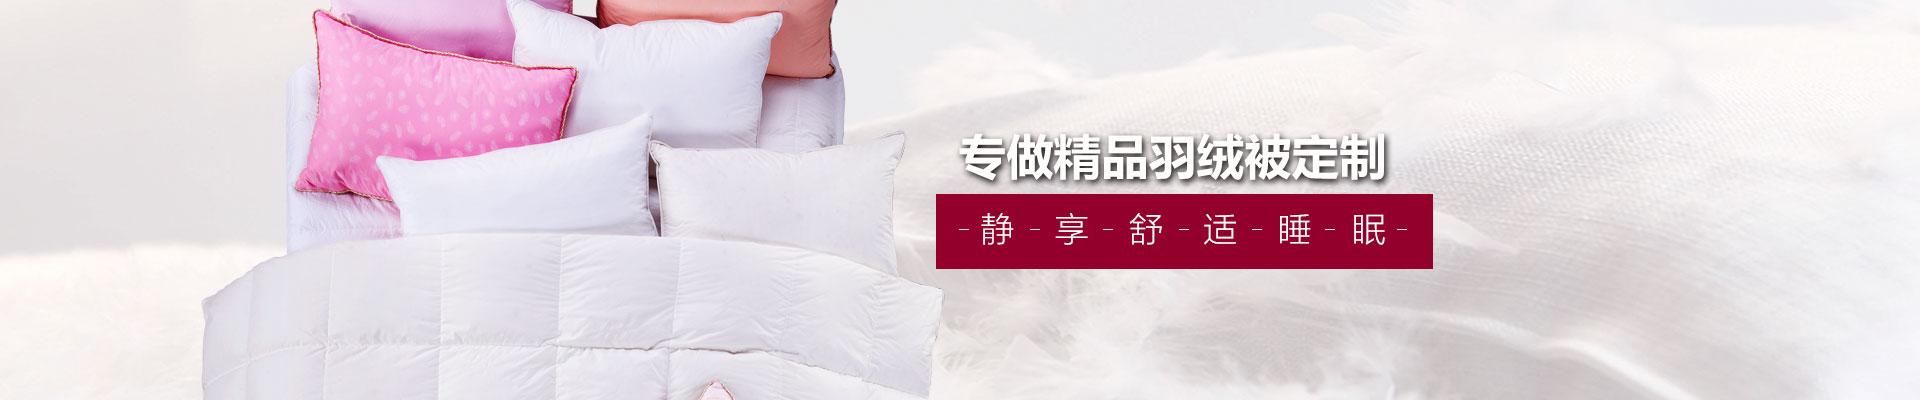 润波顿-专做精品羽绒被定制 静享五星级舒适睡眠